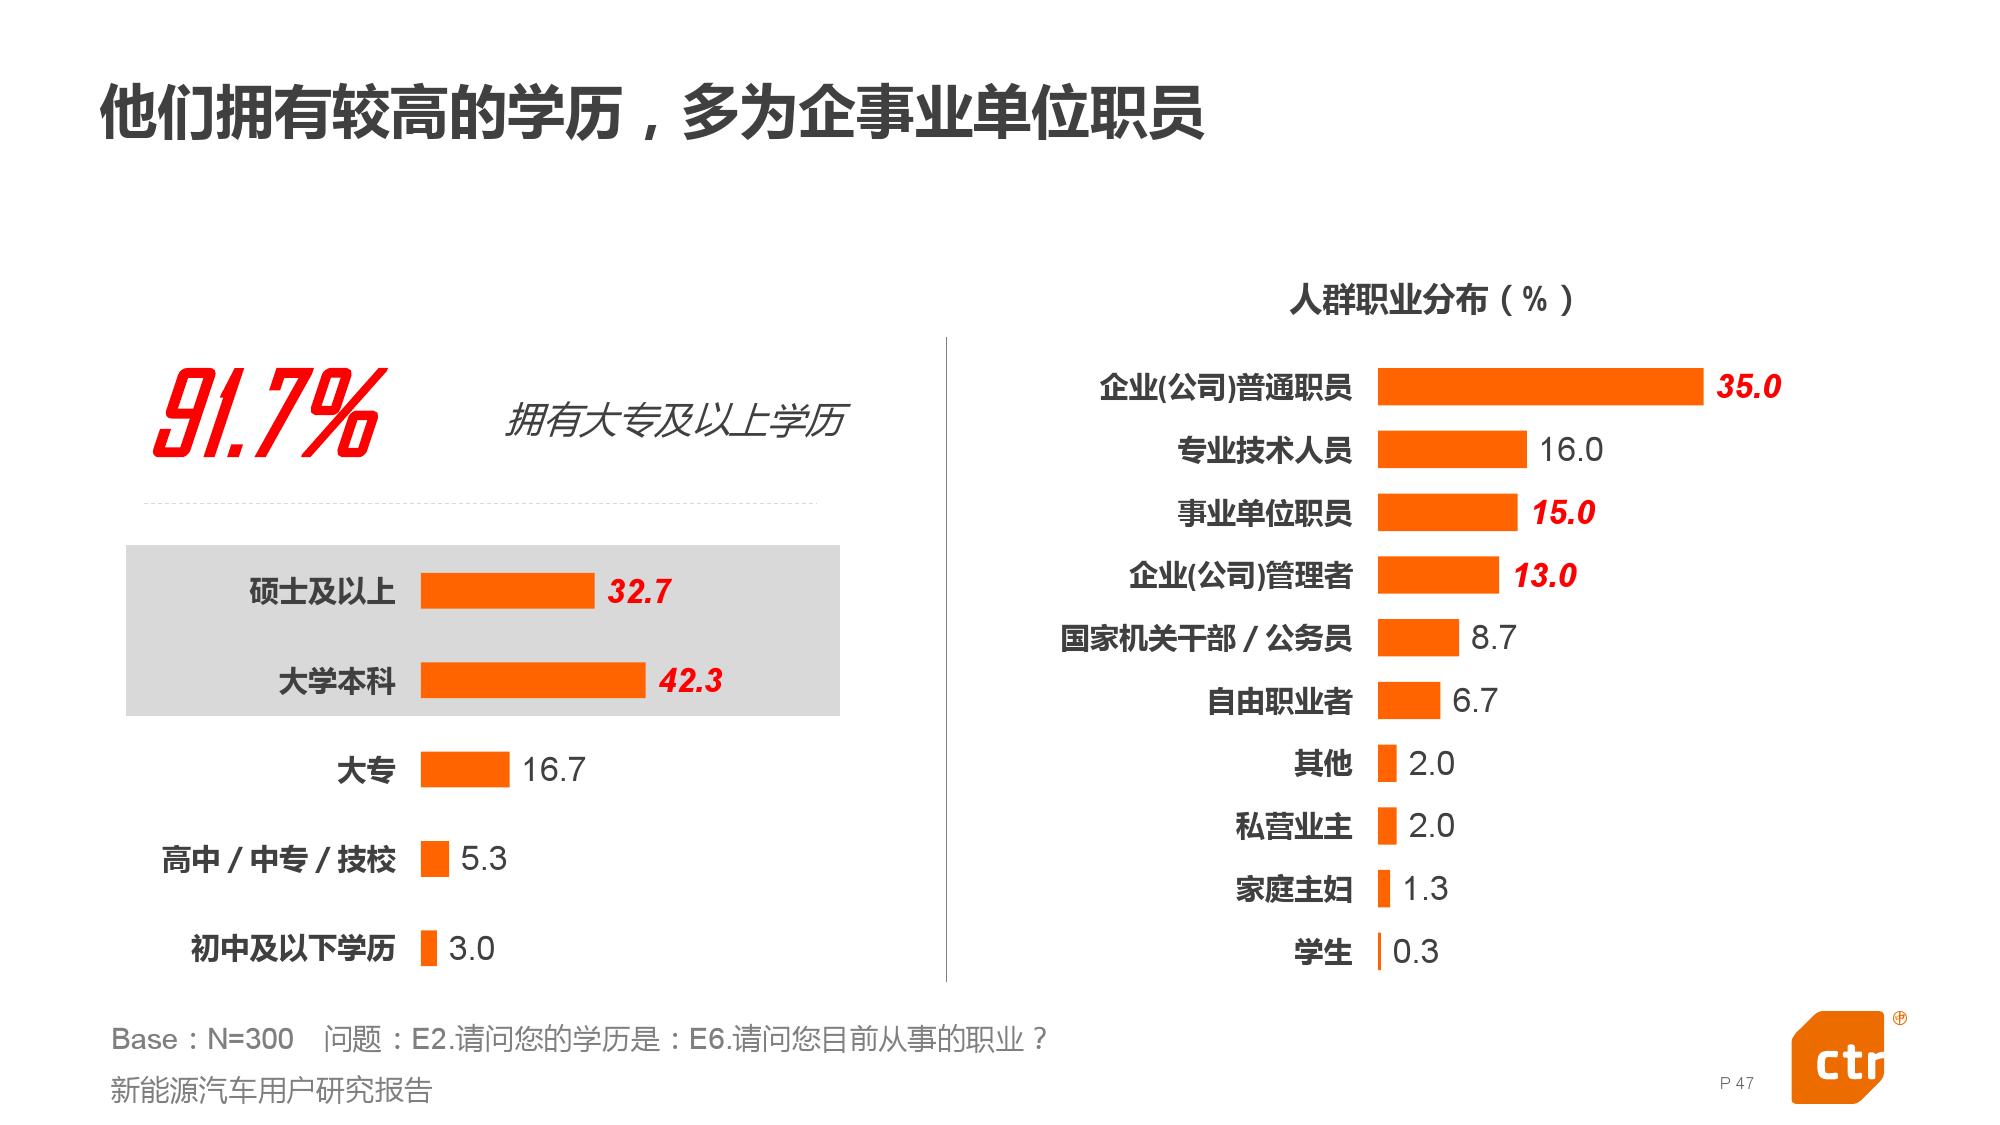 新能源汽车用户研究报告_000047